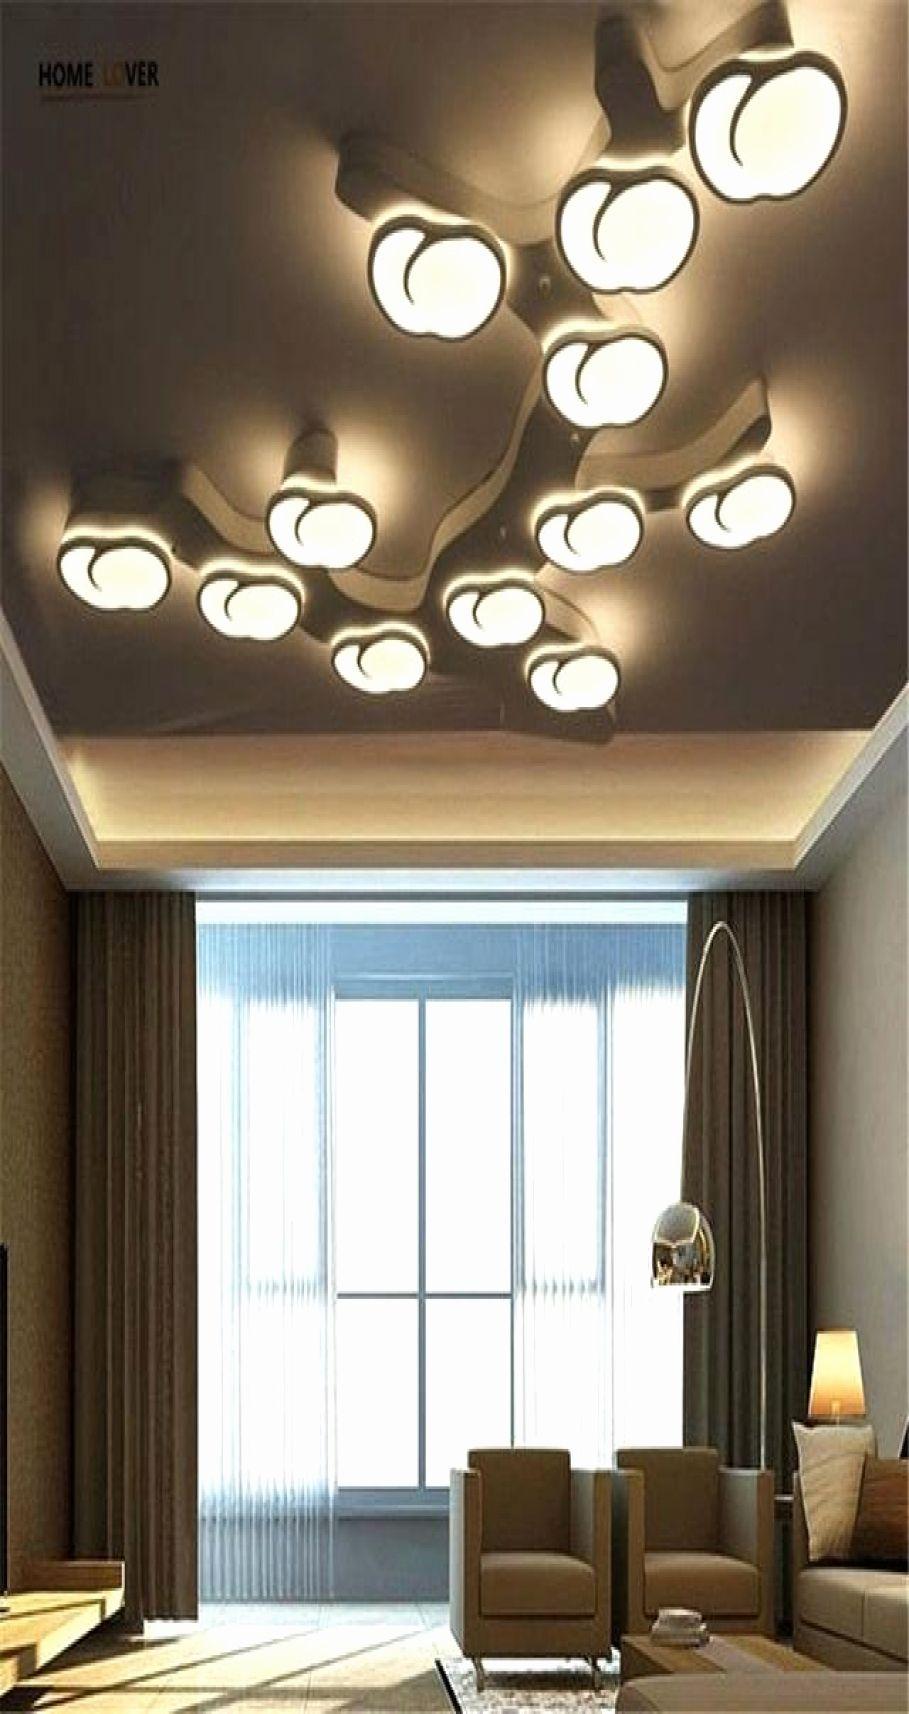 Full Size of Deckenleuchten Wohnzimmer Hängeschrank Weiß Hochglanz Led Deckenleuchte Wohnwand Deckenlampen Für Relaxliege Tapete Kommode Stehleuchte Deckenlampe Wohnzimmer Deckenleuchten Wohnzimmer